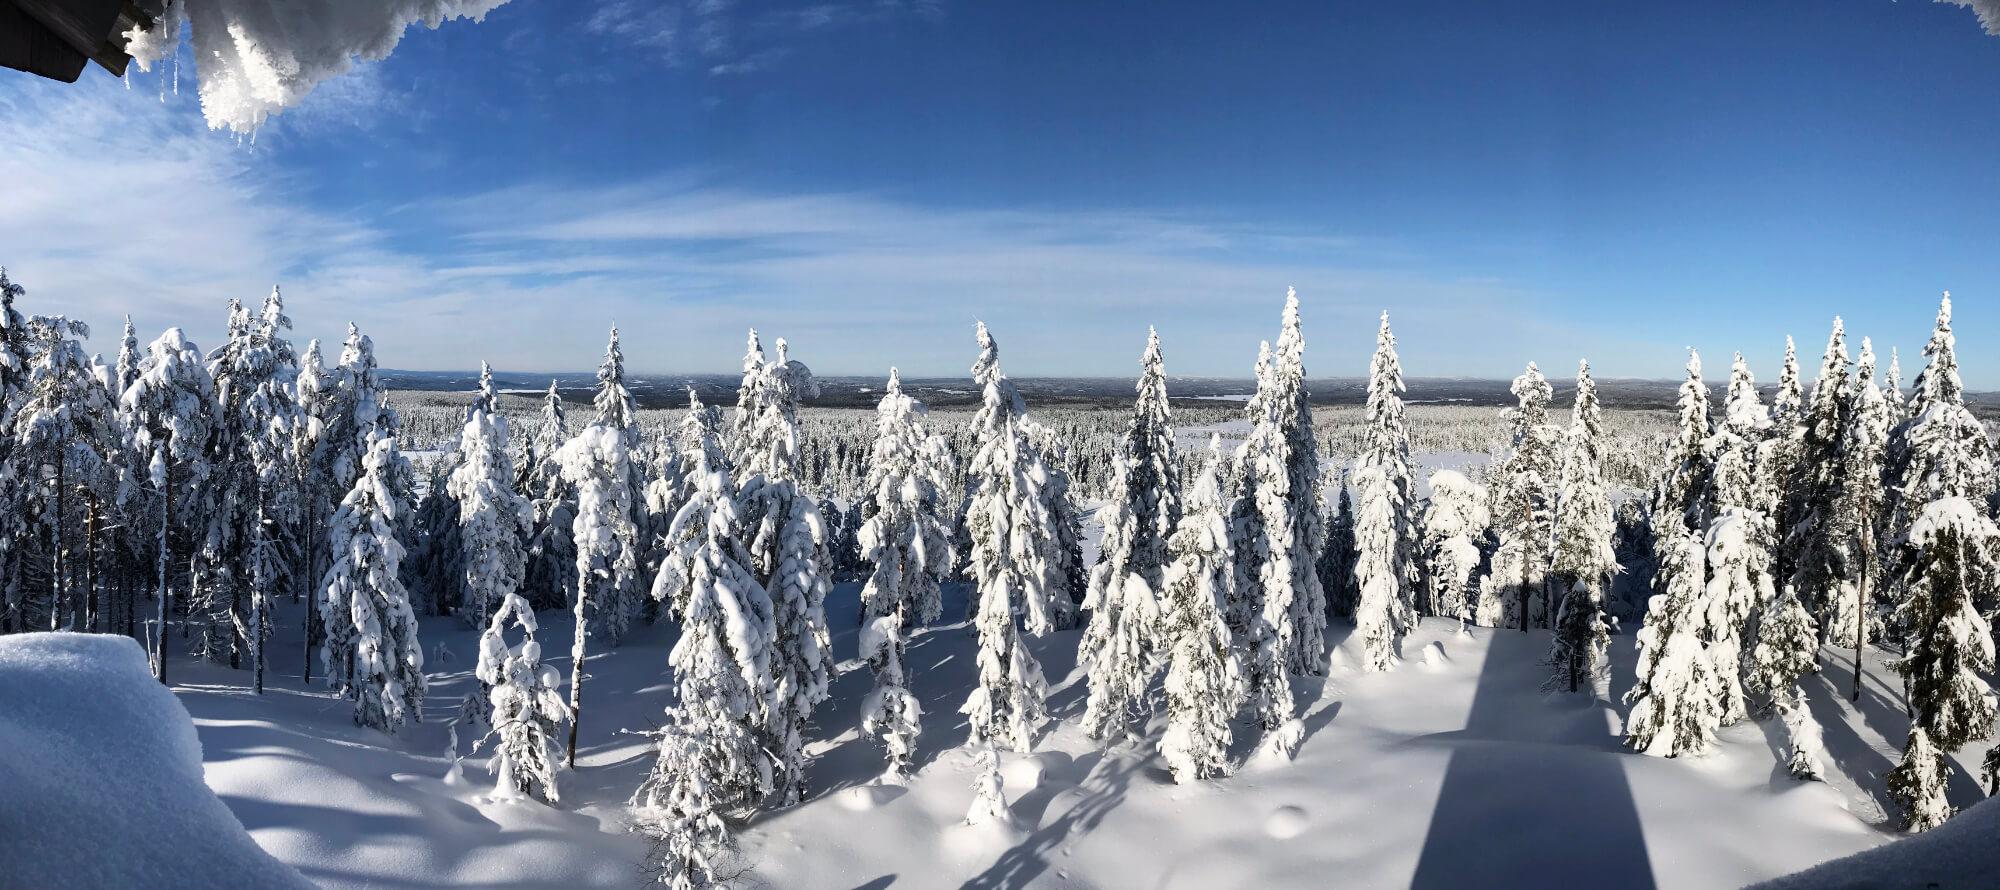 Utsikt från Brännbergstornet på vintern